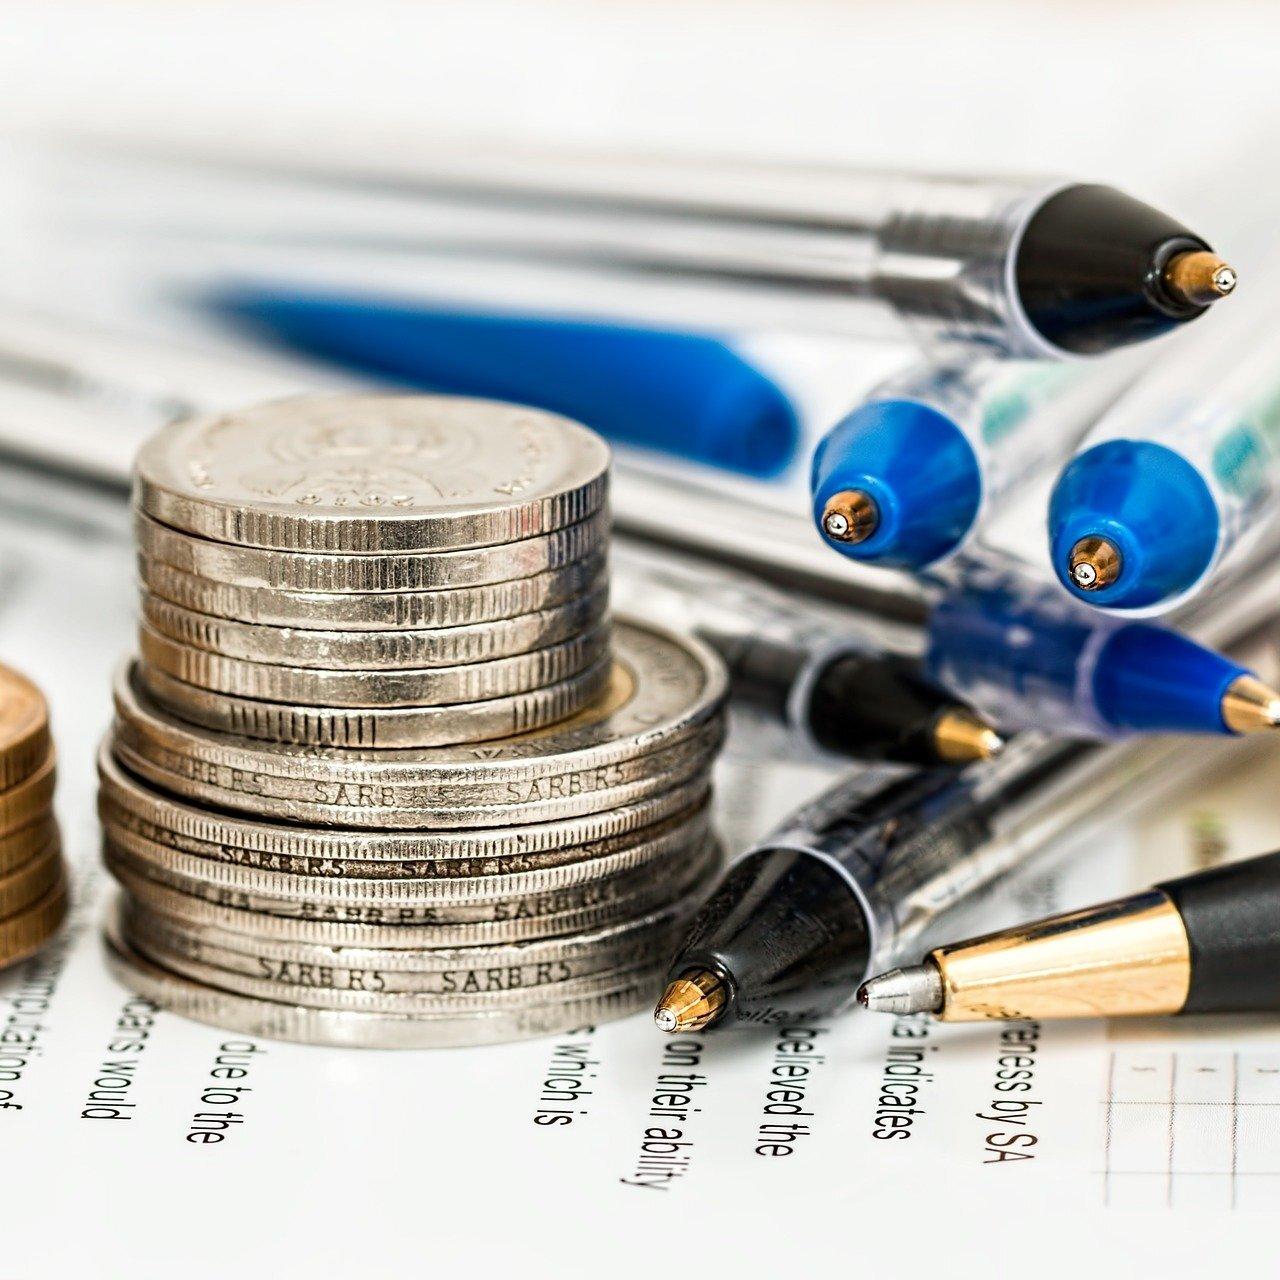 Vortrag: Kreditkare, Kryptowährungen und Bezahlapps: Wie neue Bezahlmöglichkeiten unsere Leben verändern